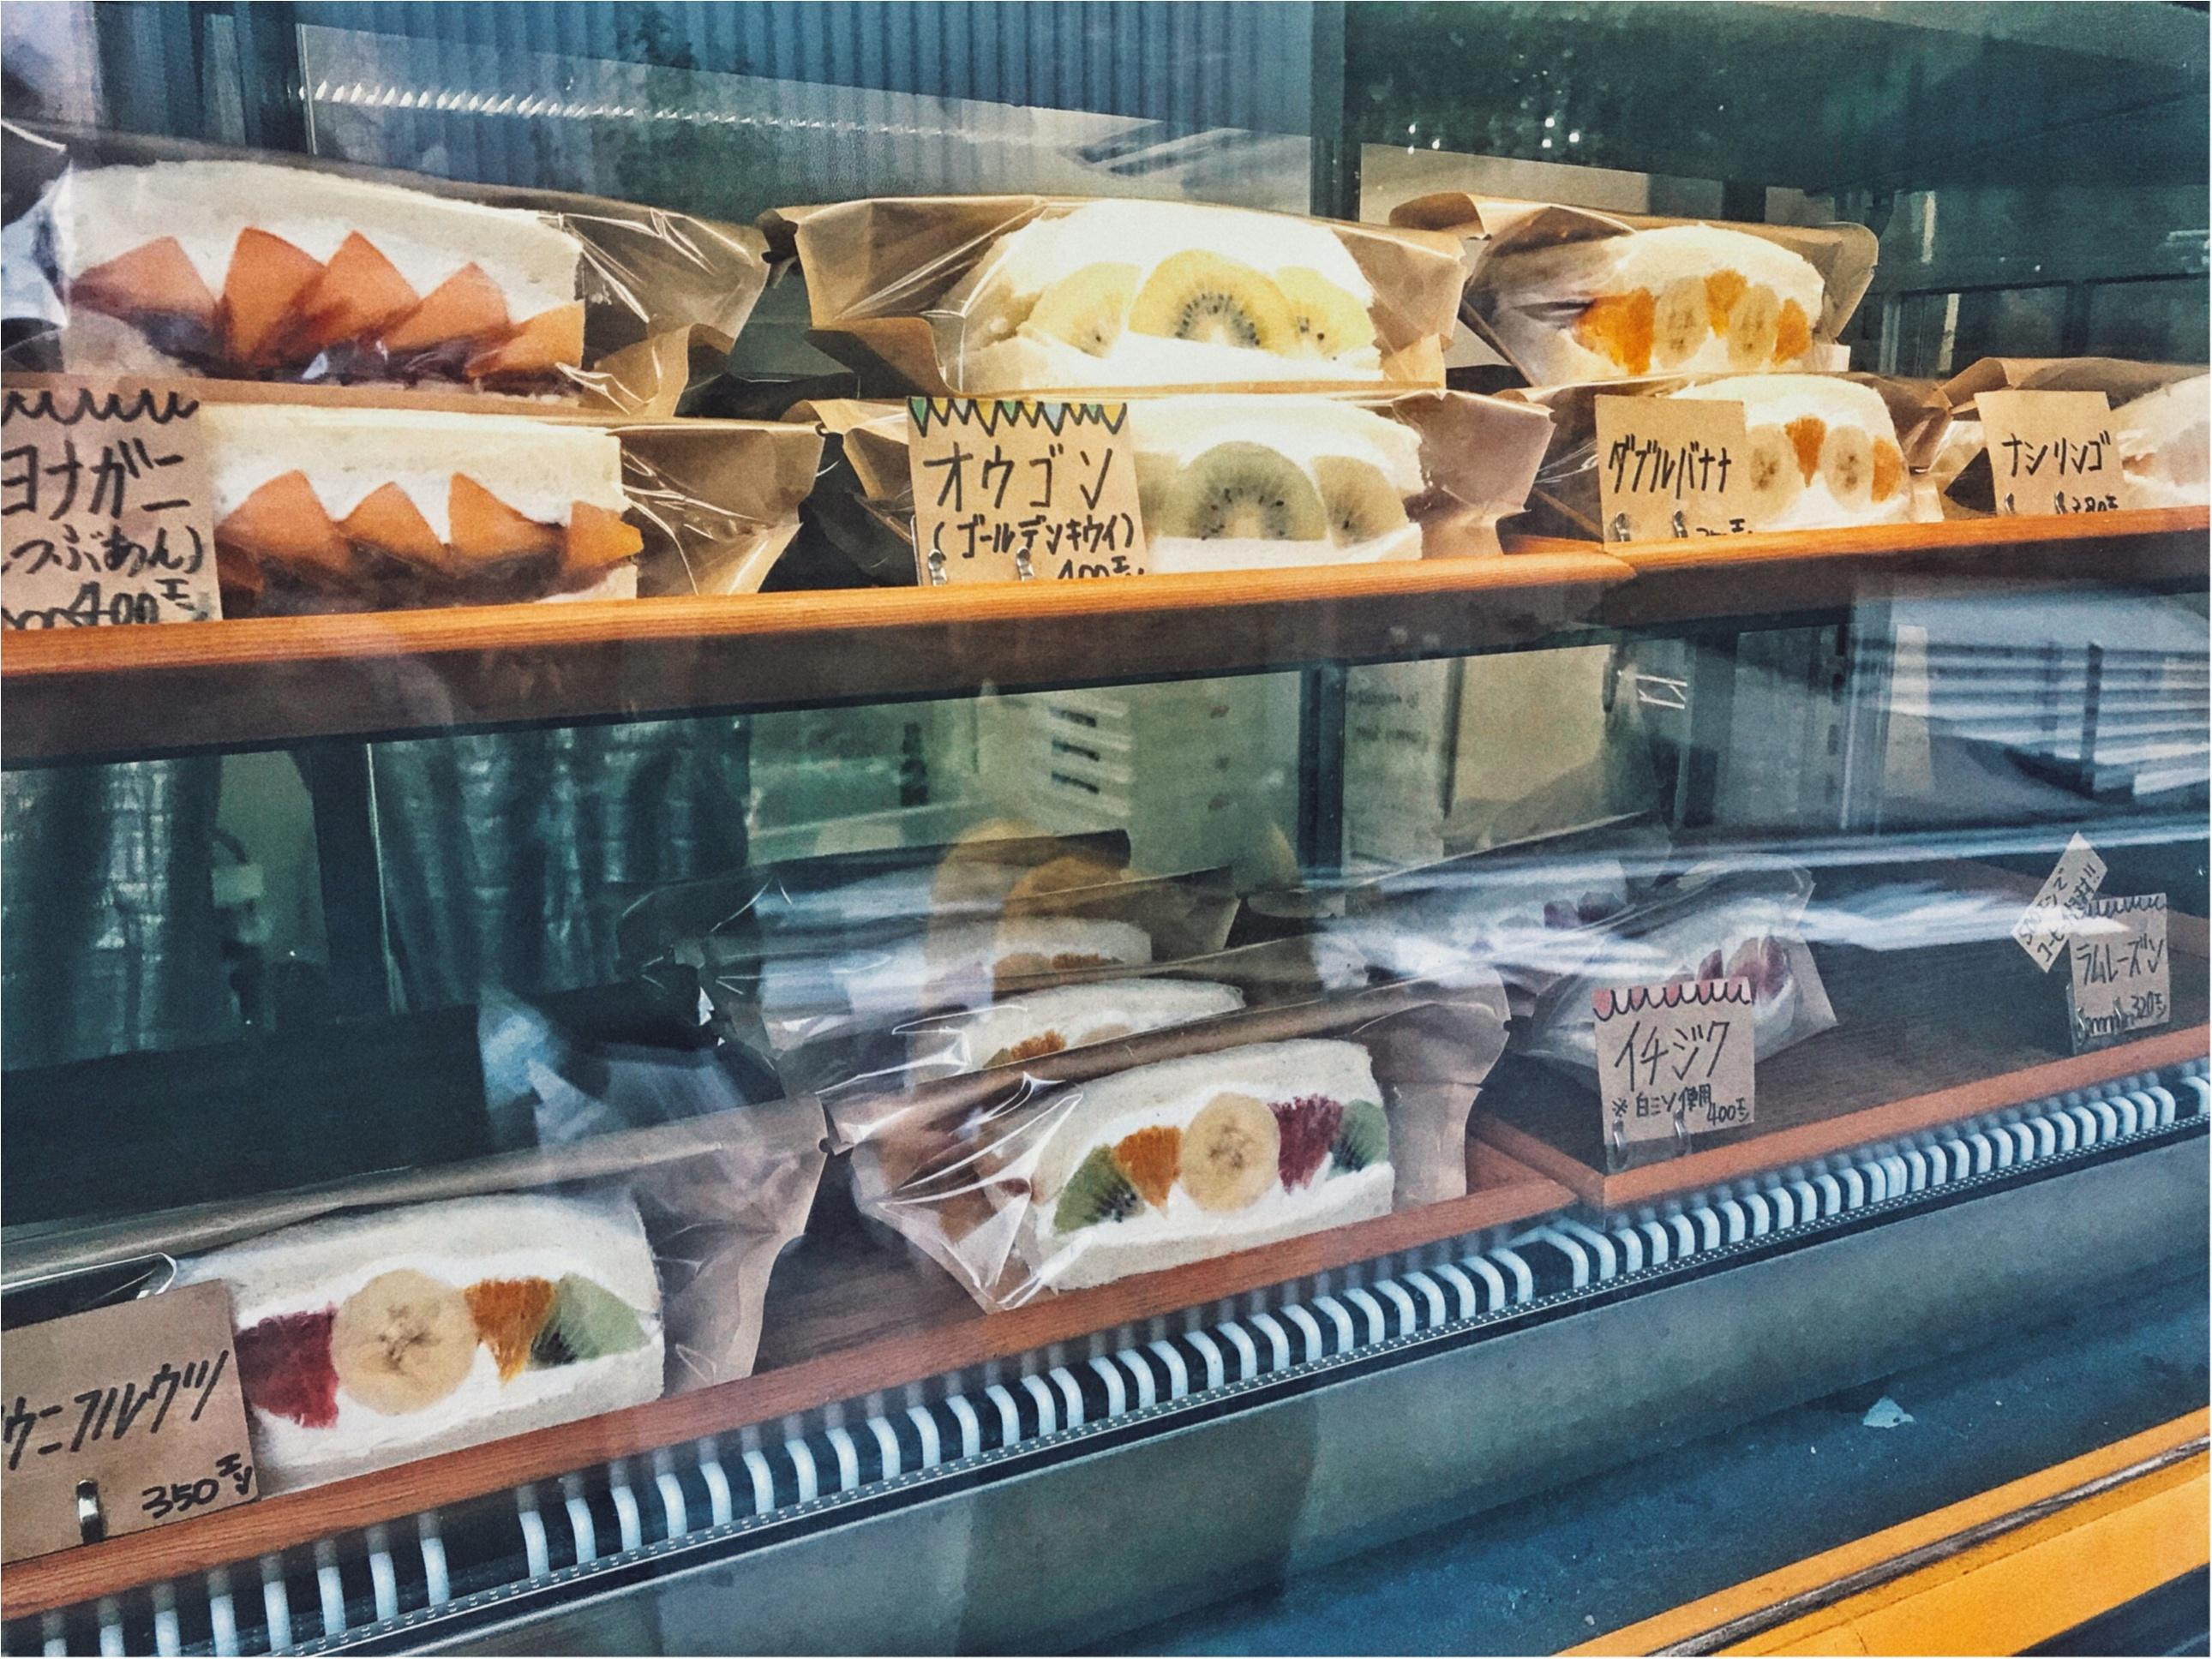 【フツウニフルウツ】カラフル可愛すぎなインスタ映えサンドイッチ( ¨̮  )♡見た目も味もお店も最高に映えるスポットご紹介☝︎_2